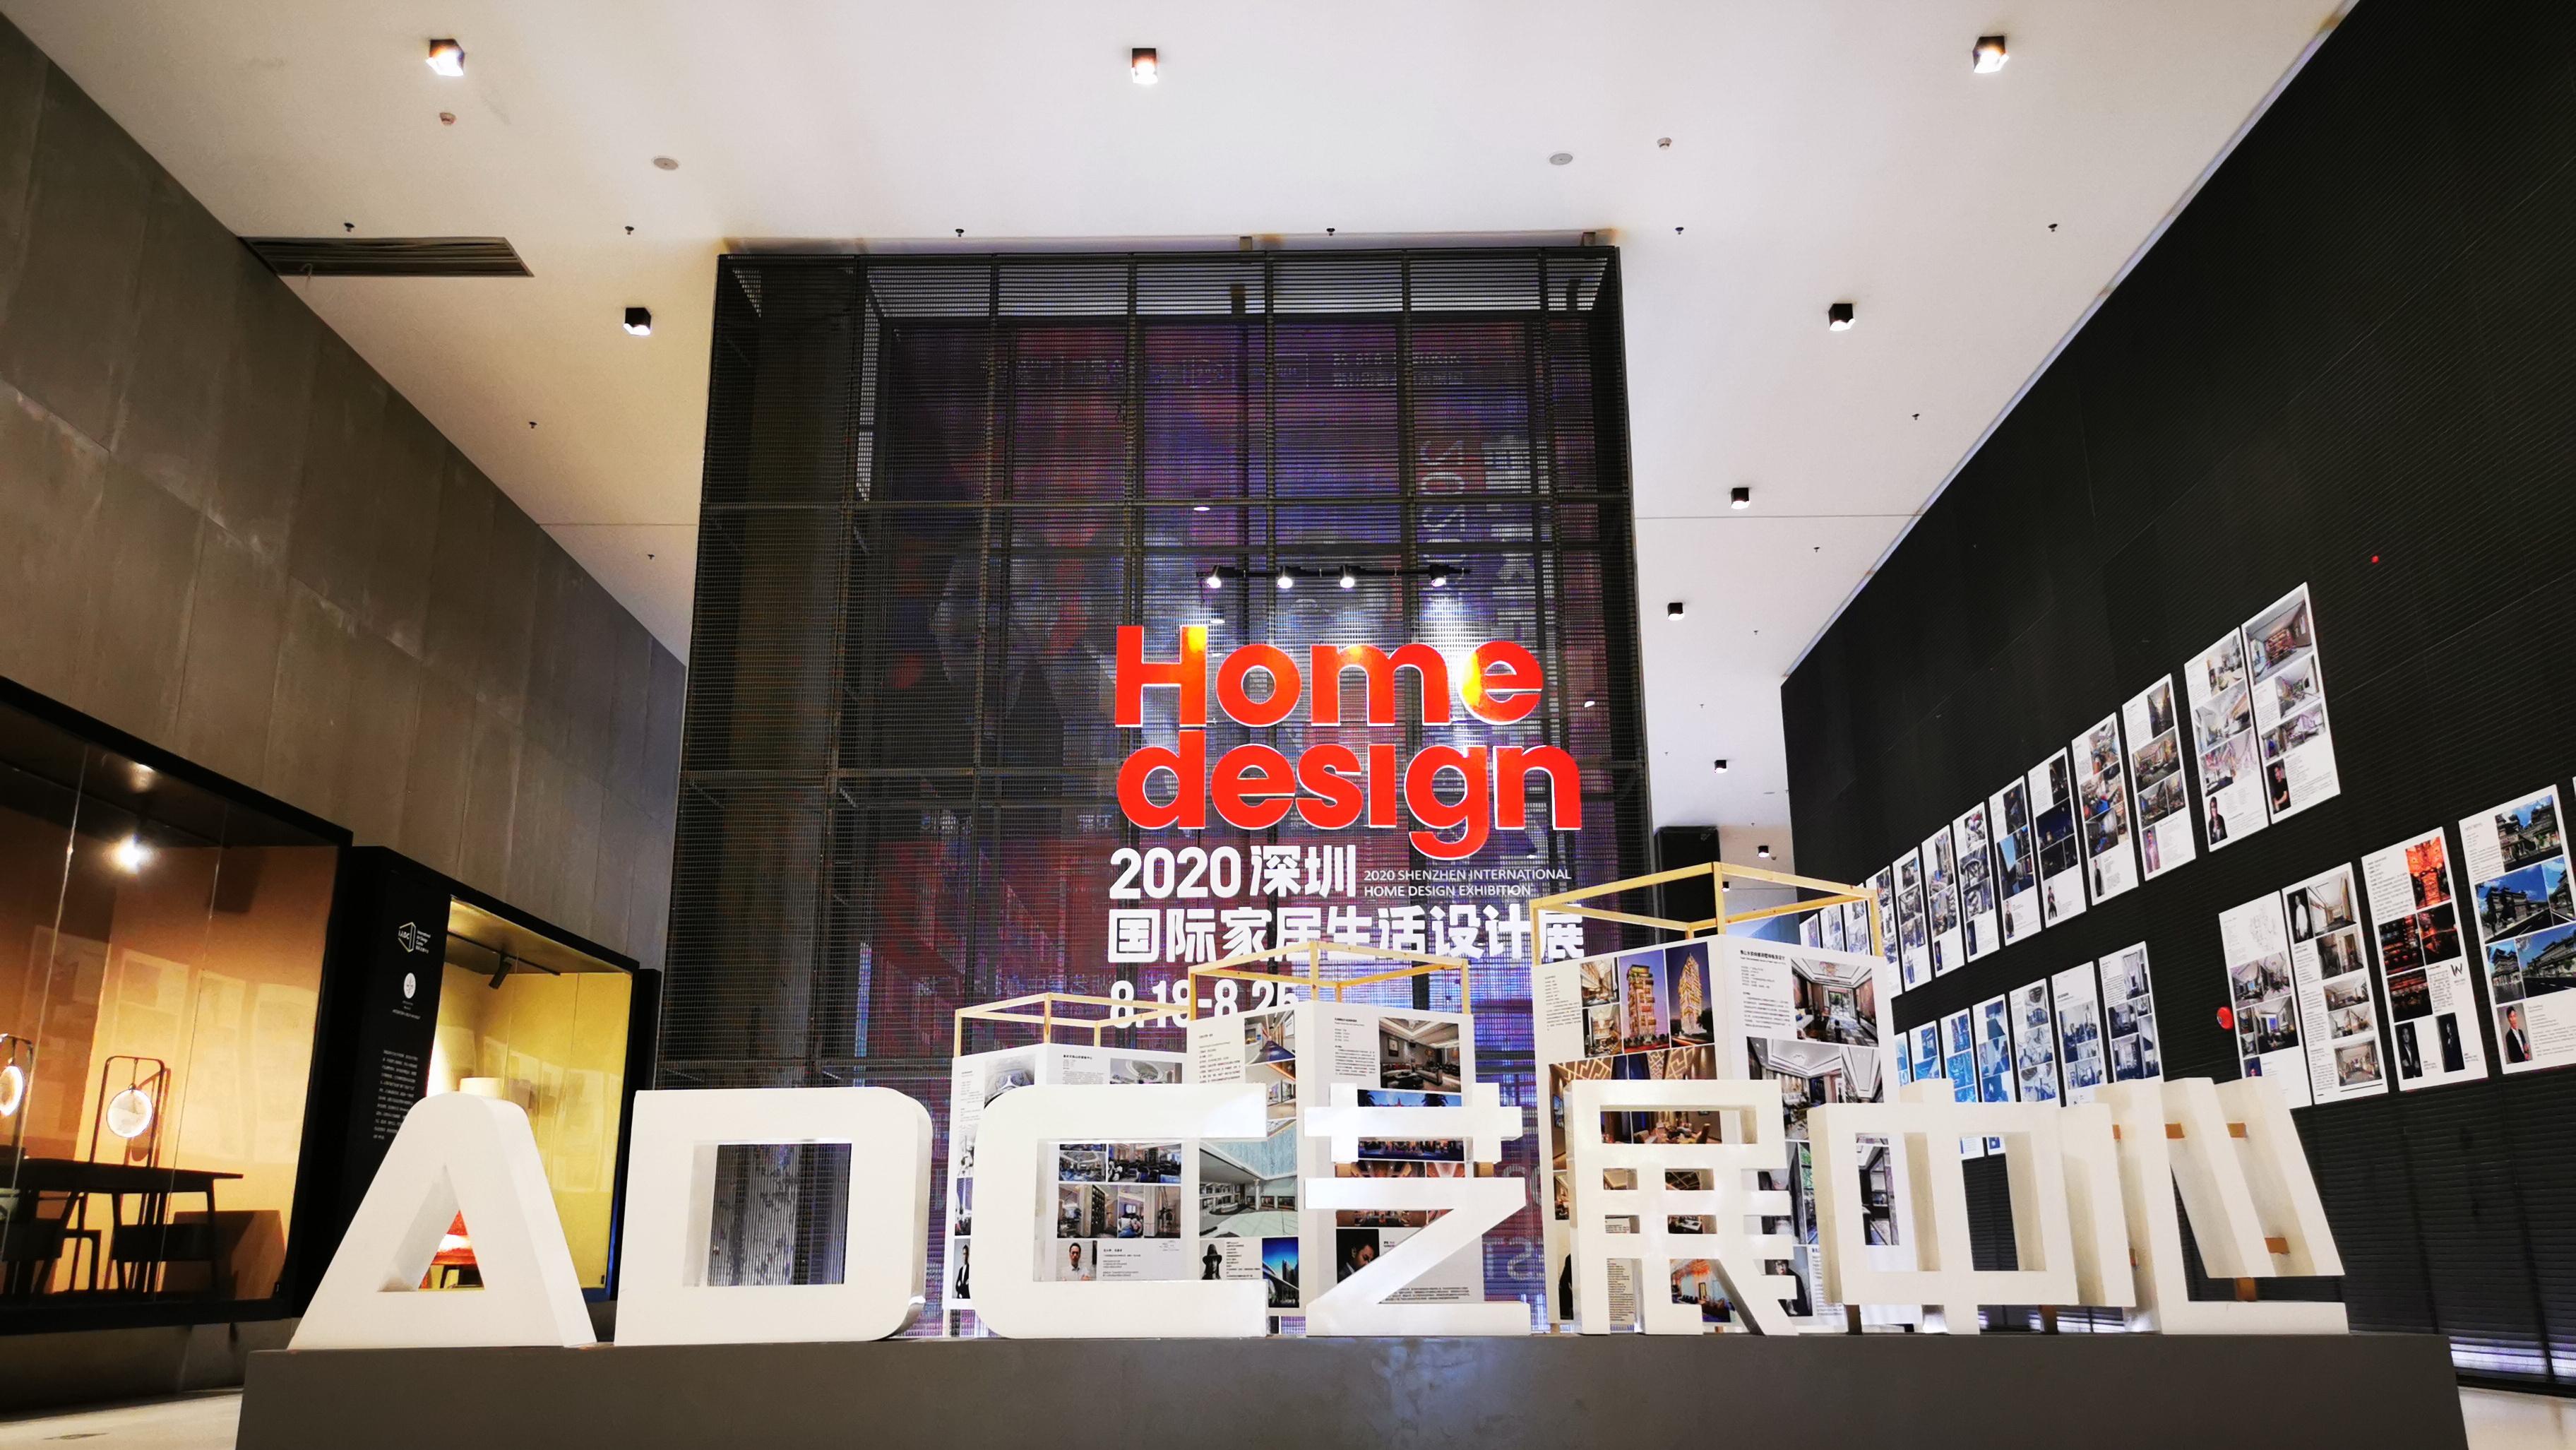 跟着深网主播圈圈去逛逛2020深圳国际家居生活设计展